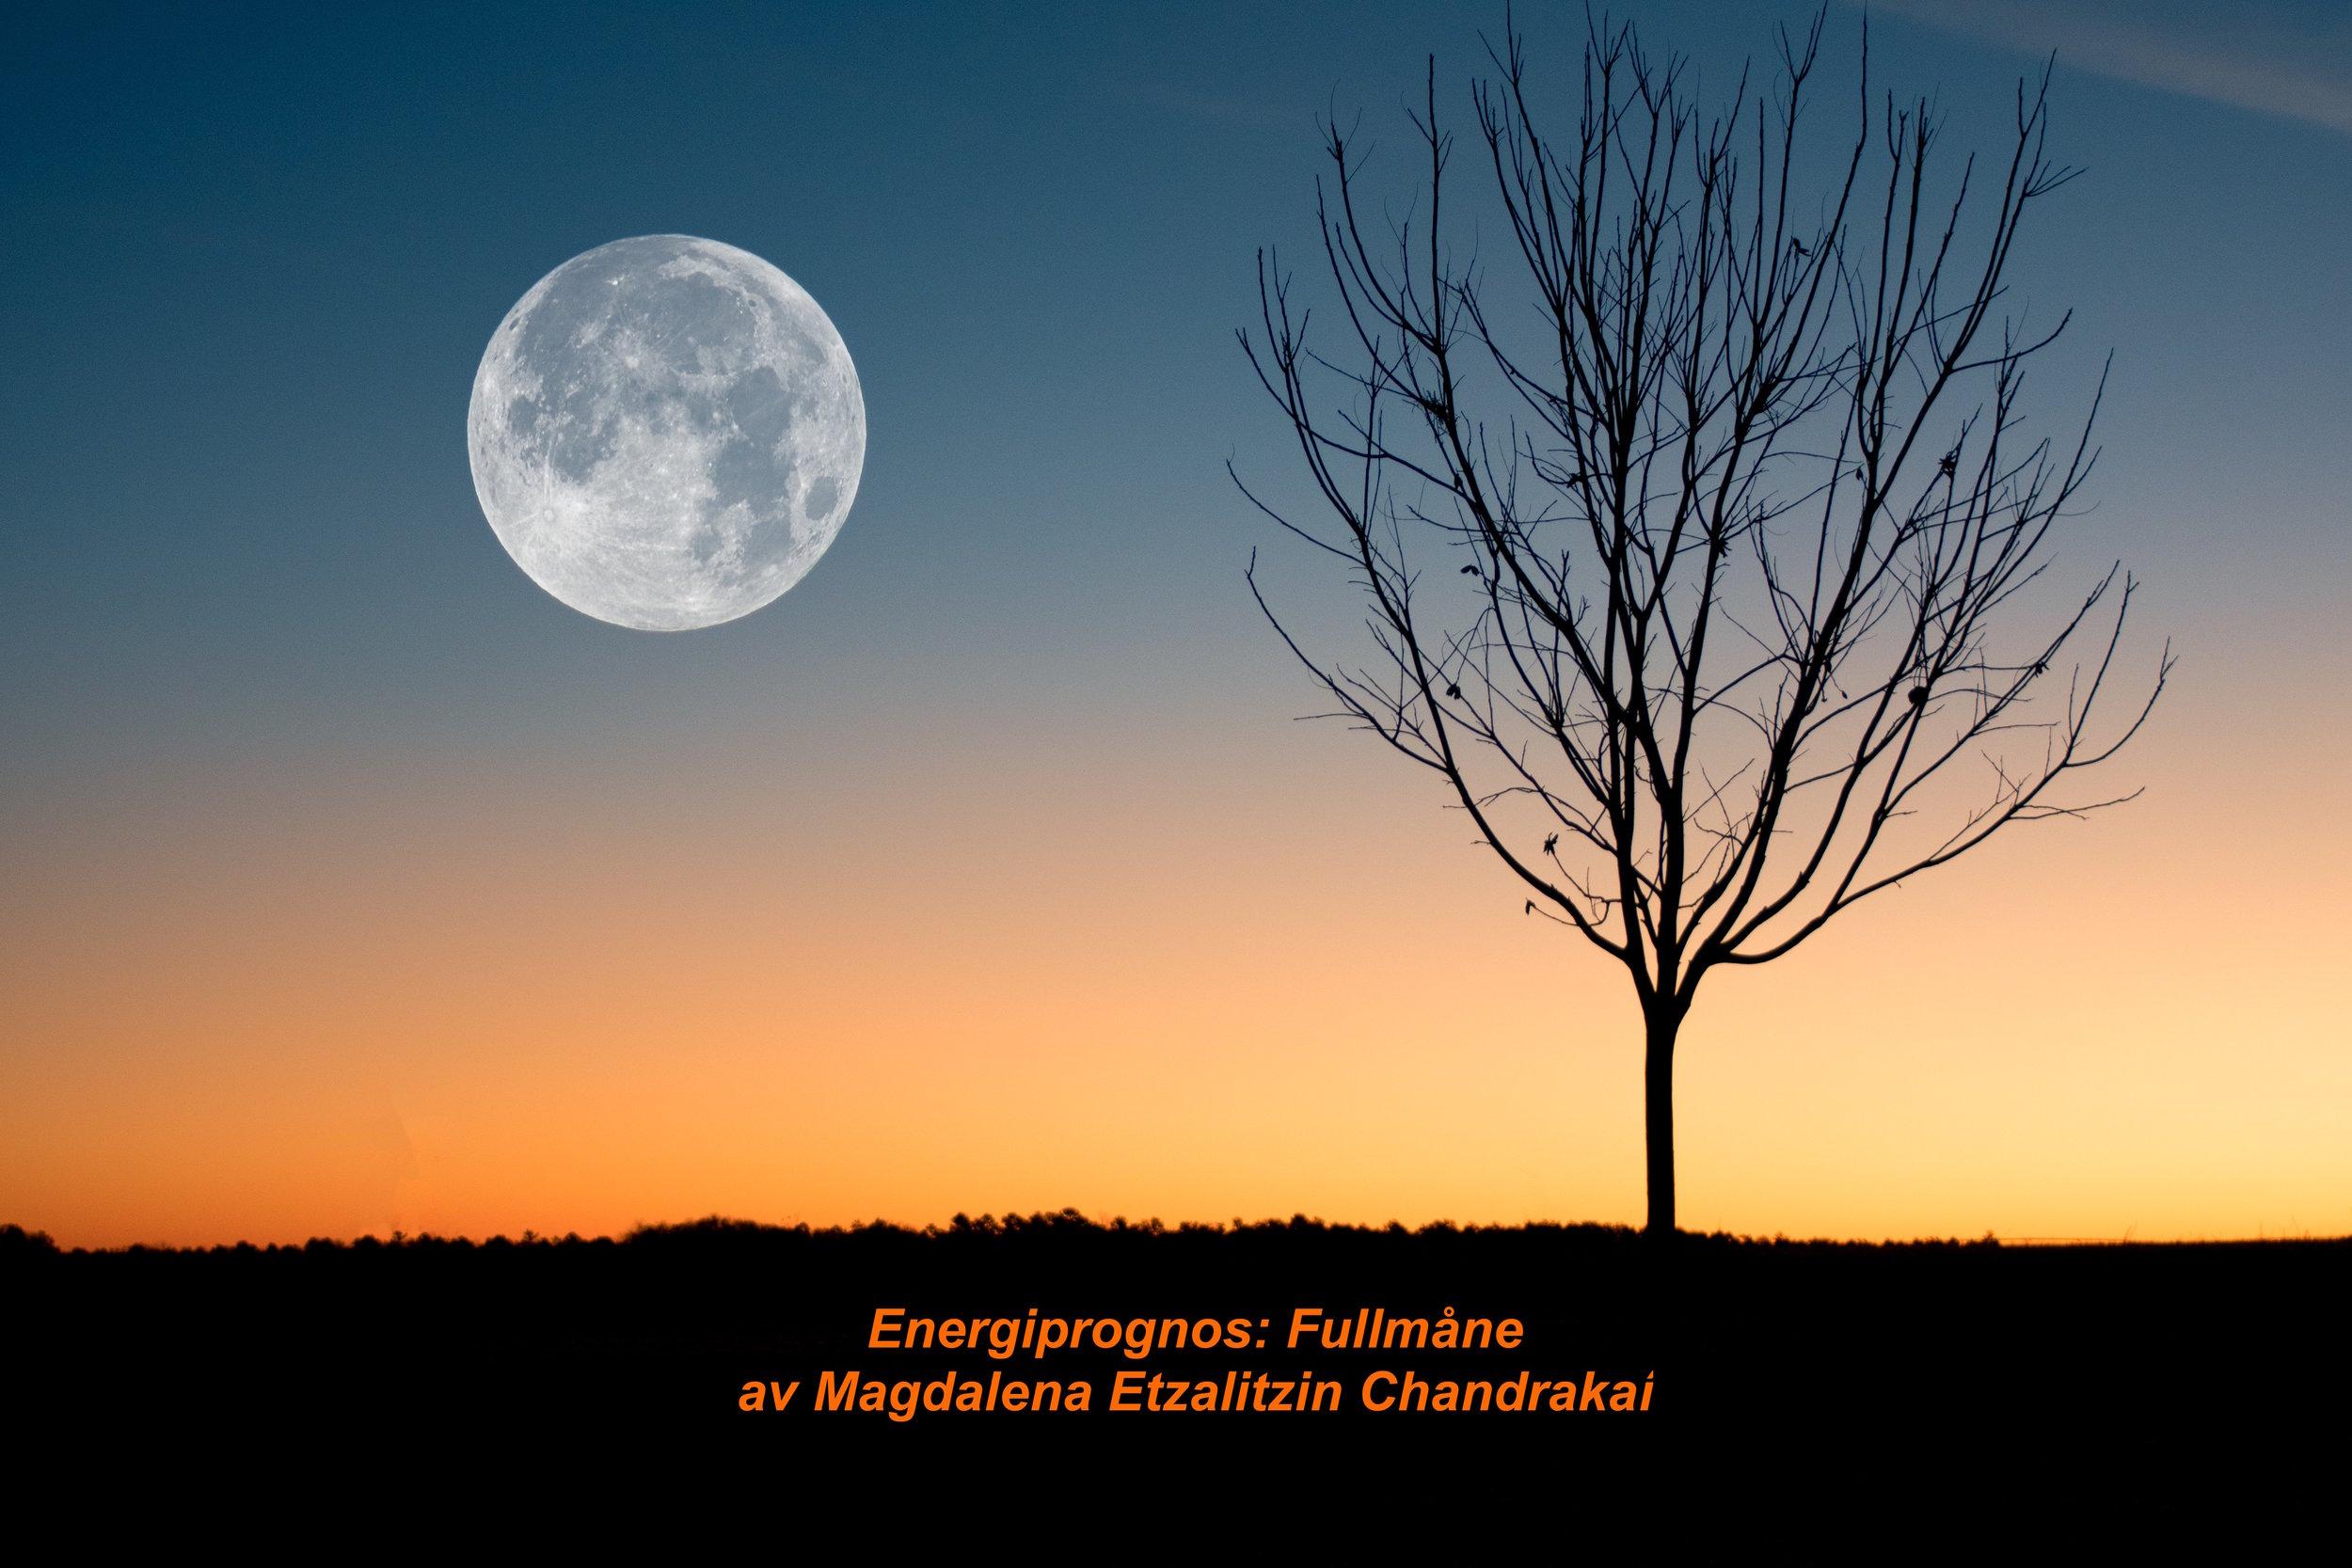 fullmåne-prognos.jpg